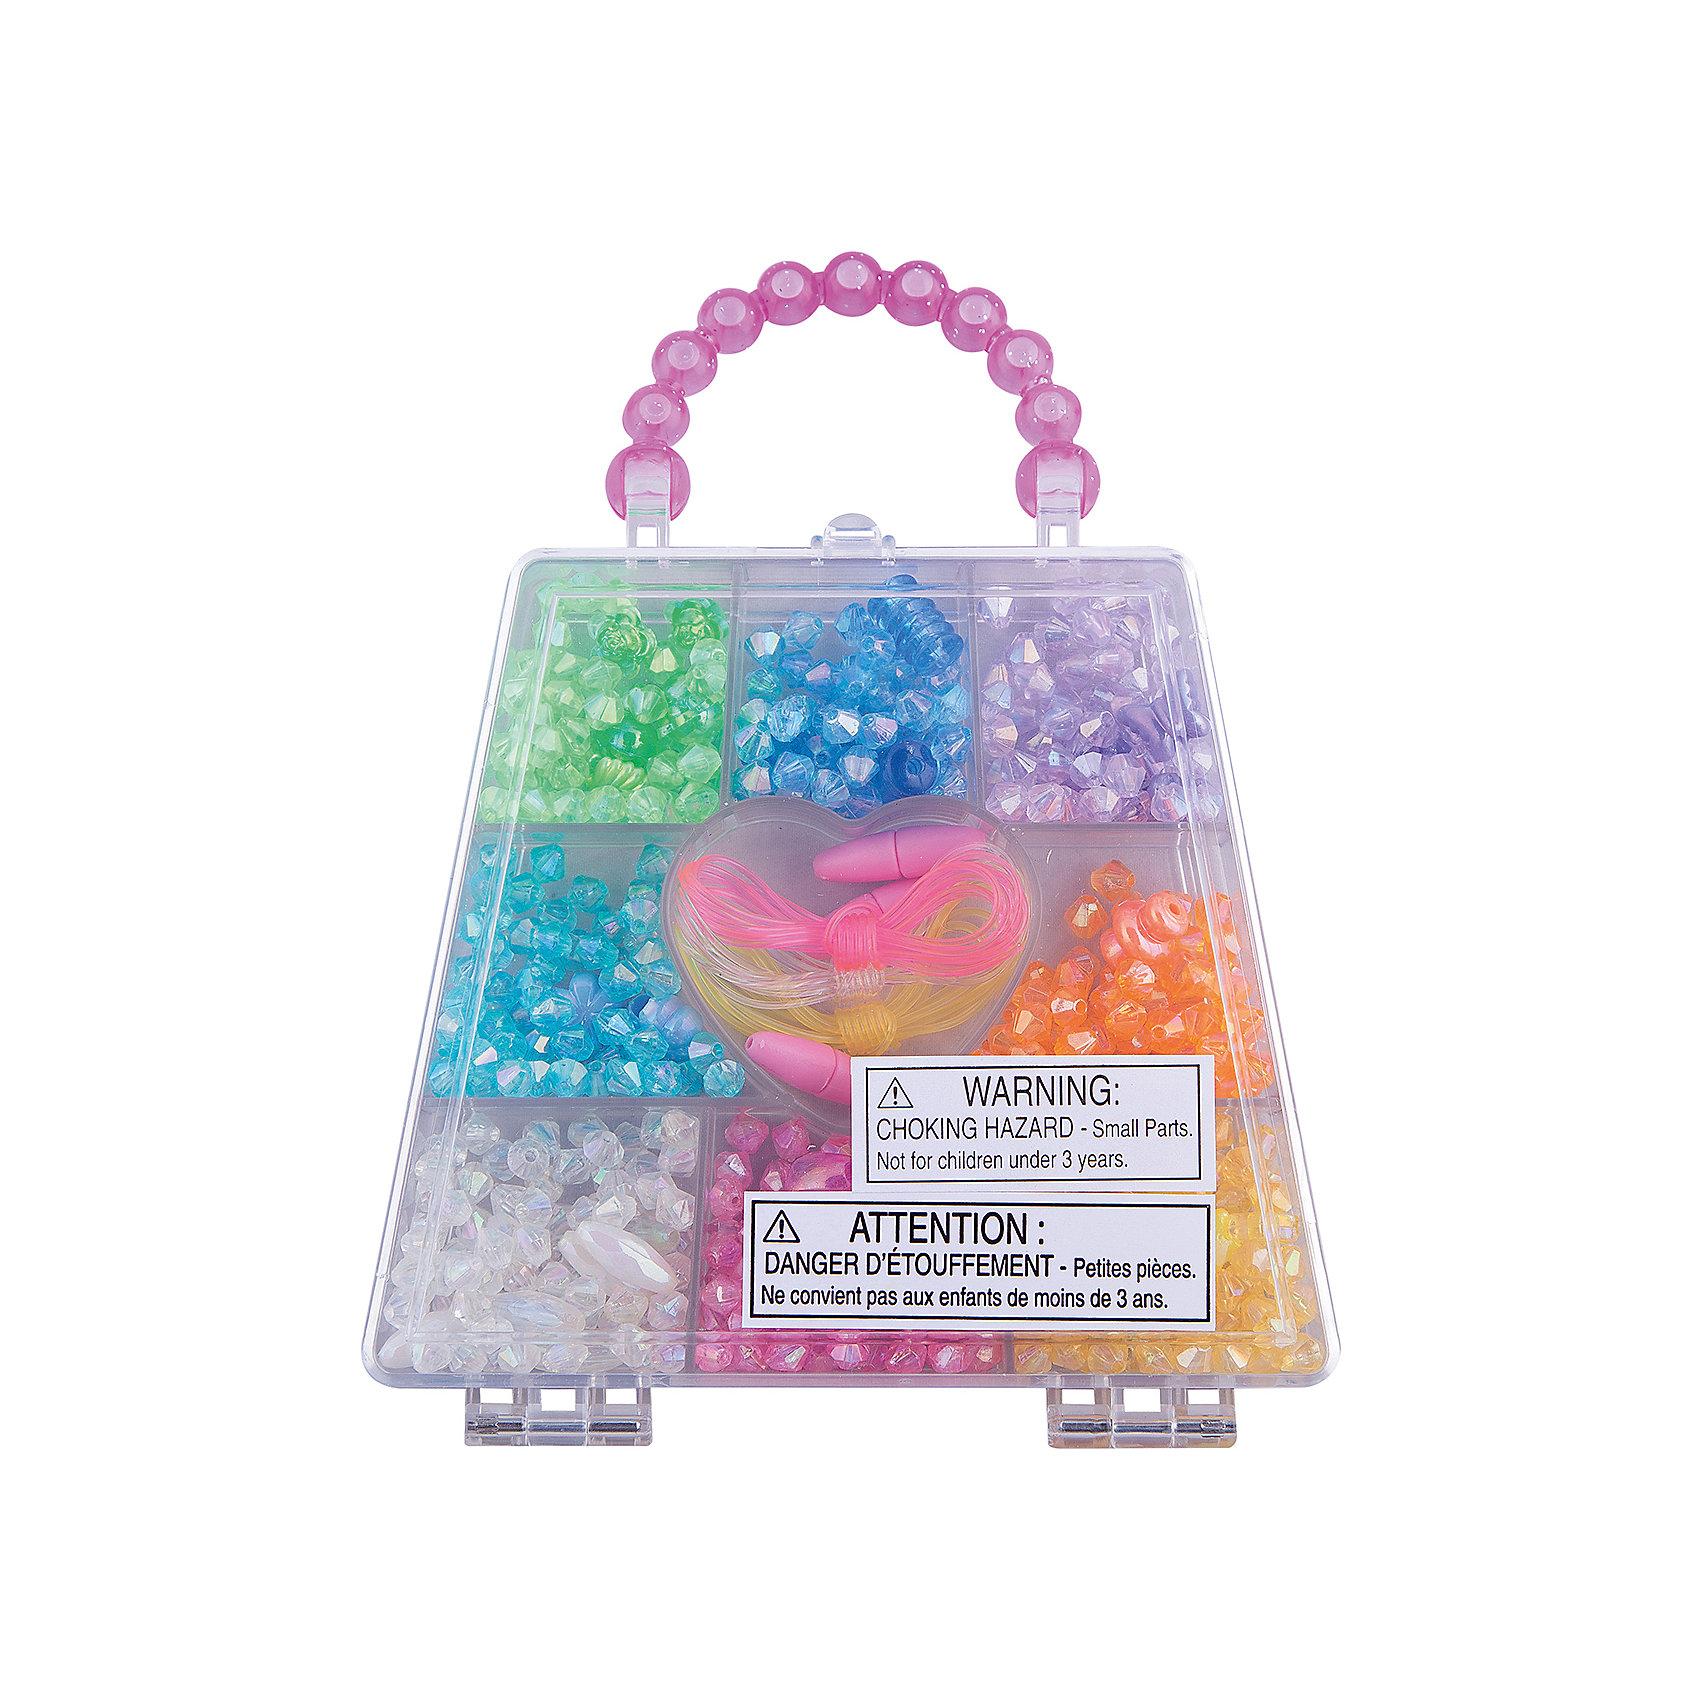 Набор бусин Радужные кристаллы, Melissa &amp; DougС помощью Набора бусин Радужные кристаллы, Melissa &amp; Doug (Мелисса и Даг), хранящегося в удобном прозрачном чемоданчике, Вы сможете создать оригинальные браслеты, колье и другие украшения, которые непременно привлекут внимание окружающих. Набор включает более 150 бусин разнообразных форм (круглые, овальные, фигурные, цветочки, конусы), нанизывая которые на декоративные шнурки, девочка без лишних усилий и подготовки сможет собрать необычные украшения для себя, родных и подруг. Мелкие детали способствуют развитию моторики ручек, усидчивости, творческих навыков. <br><br>Комплектация: 500 бусин, шнуры для нанизывания, чемоданчик с отделениями<br><br>Дополнительная информация:<br>-Материал: пластик<br>-Размер упаковки: 2,5х16,5х13 см<br><br>Творческий набор бусин «Радужные кристаллы» станет отличным подарком для девочки и обеспечит ей прекрасное времяпрепровождение.<br><br>Набор бусин Радужные кристаллы, Melissa &amp; Doug (Мелисса и Даг) можно купить в нашем магазине.<br><br>Ширина мм: 20<br>Глубина мм: 120<br>Высота мм: 130<br>Вес г: 280<br>Возраст от месяцев: 72<br>Возраст до месяцев: 120<br>Пол: Унисекс<br>Возраст: Детский<br>SKU: 2401087